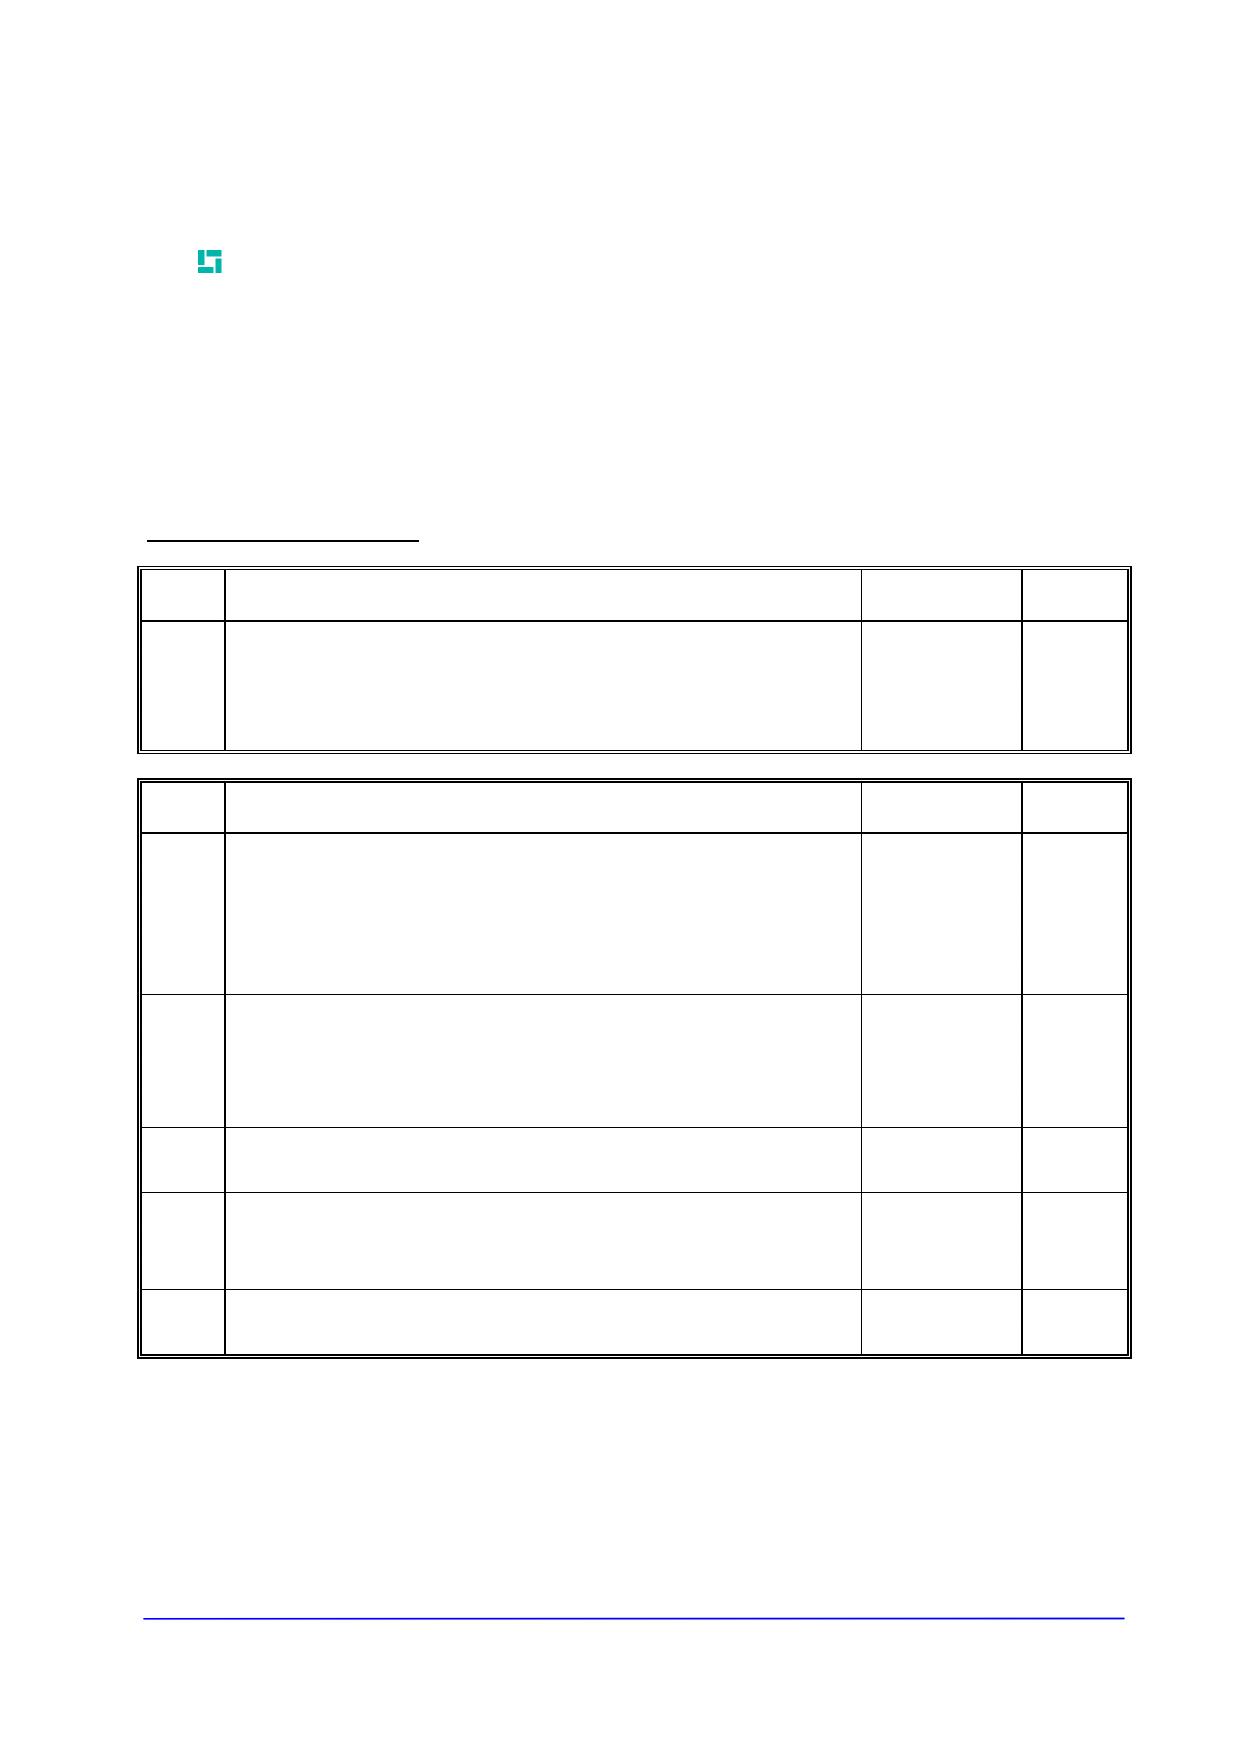 R0472YS12F datasheet